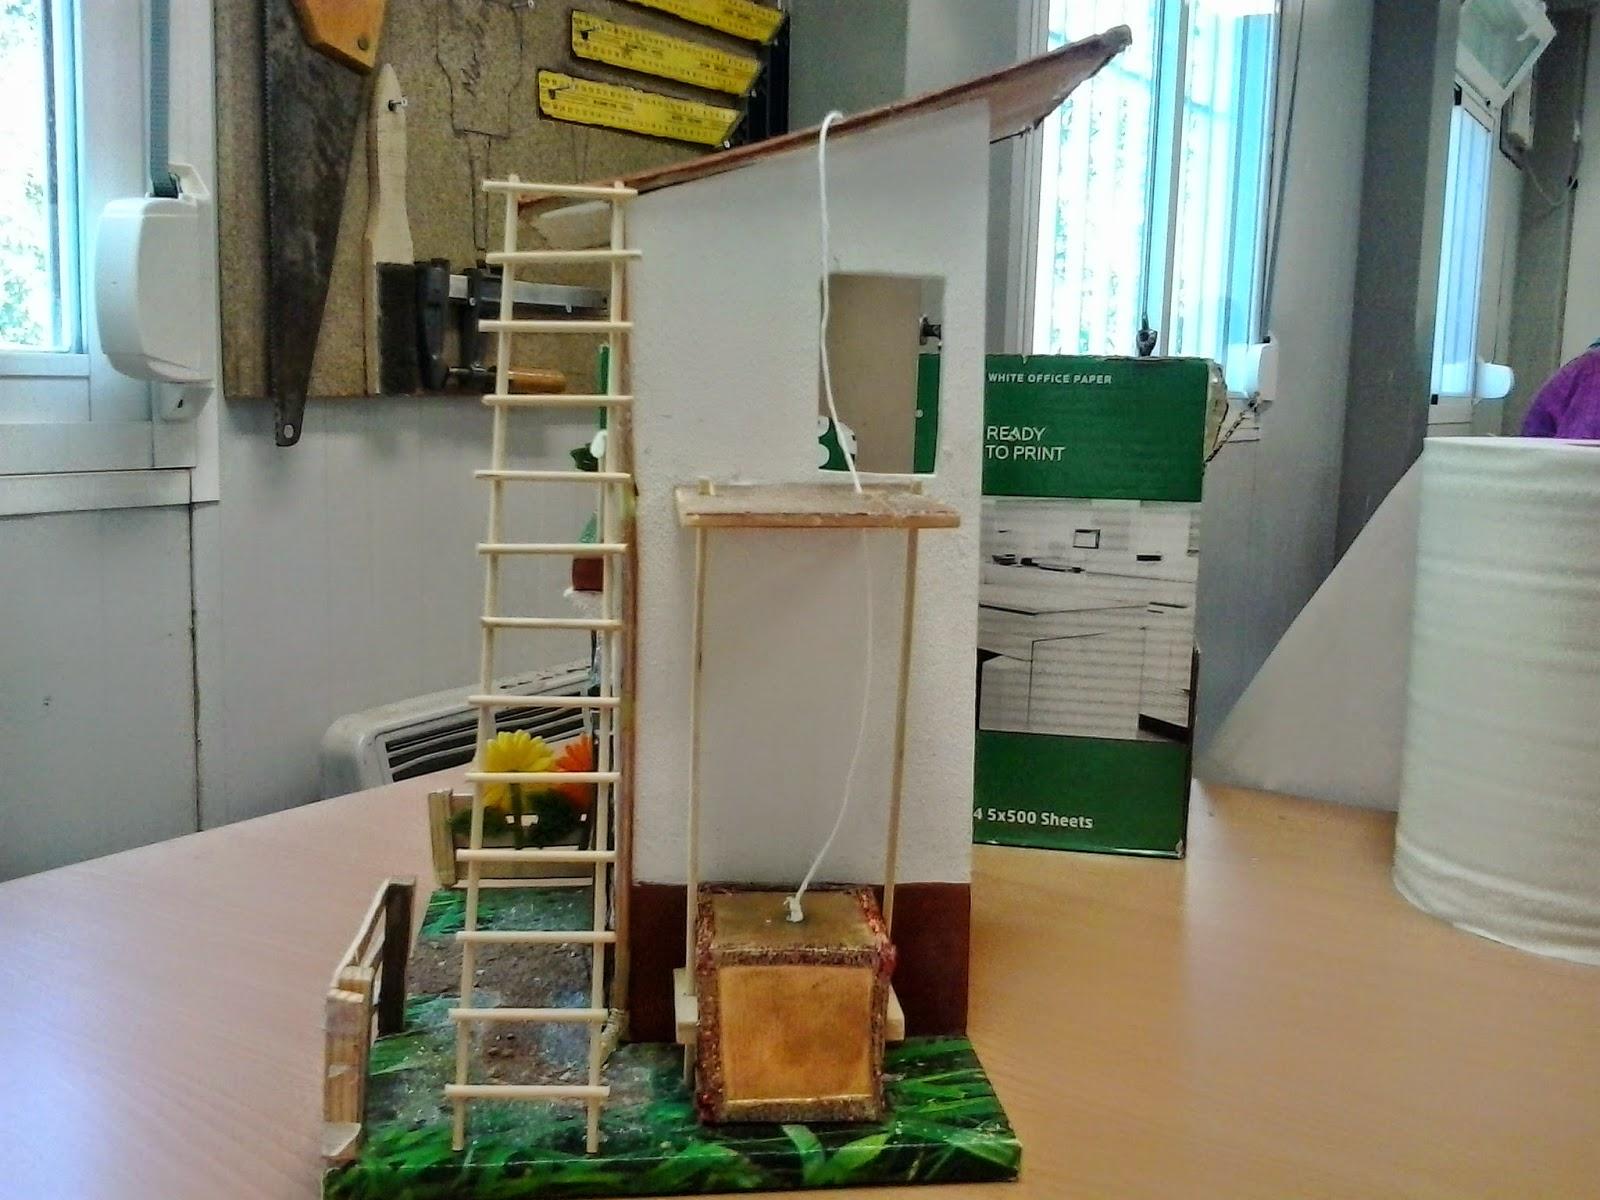 Casa con ascensor - Ascensor casa ...